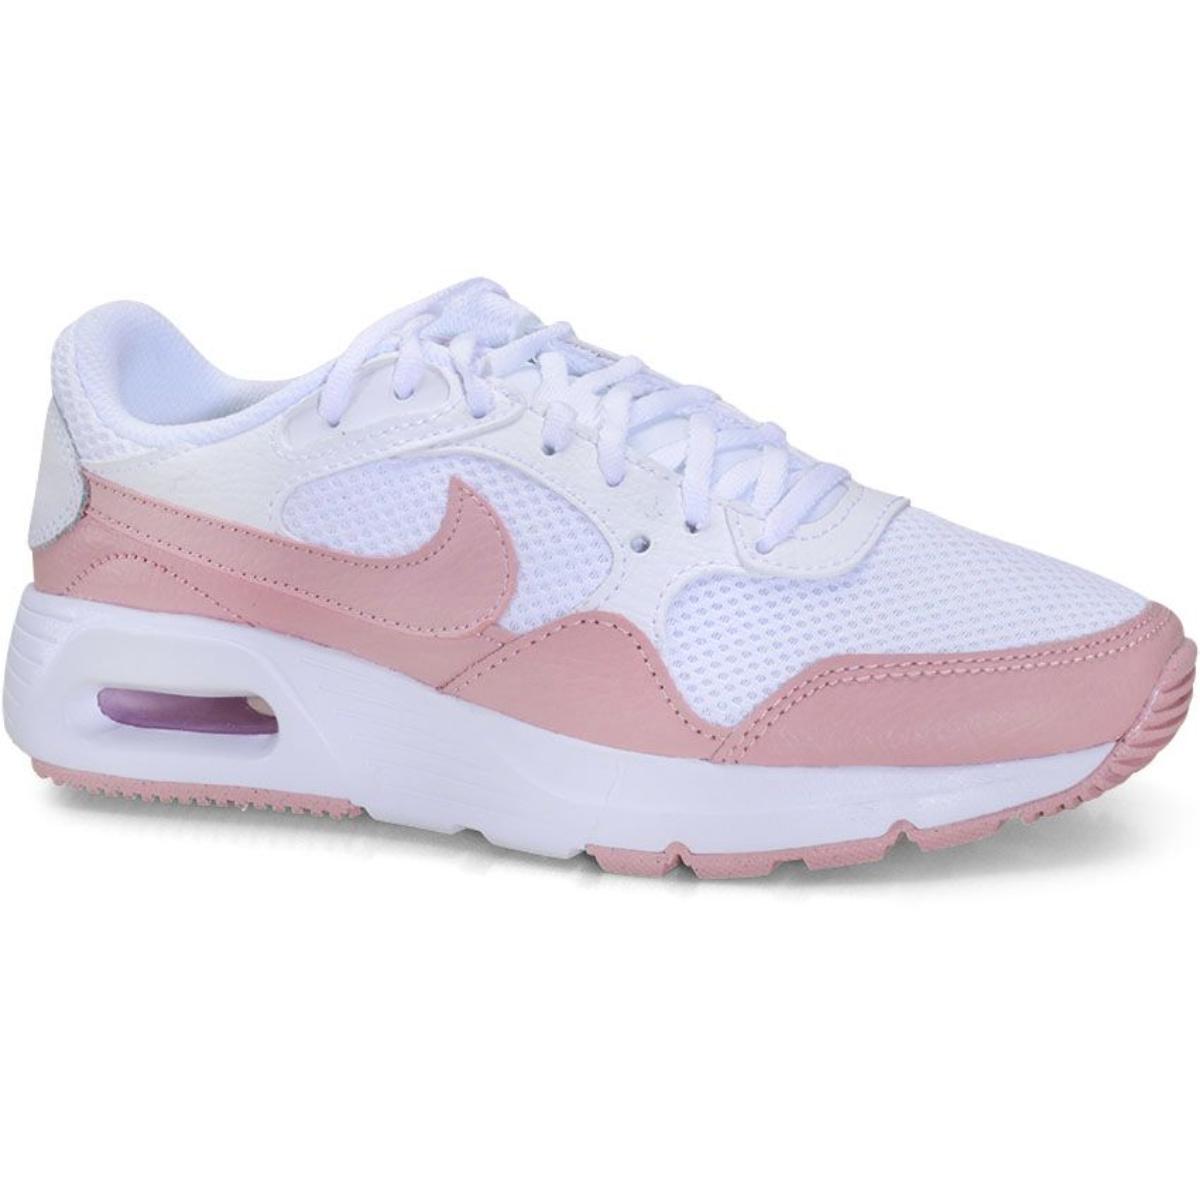 Tênis Feminino Nike Cw4554-102 Air Max sc Rosa/branco